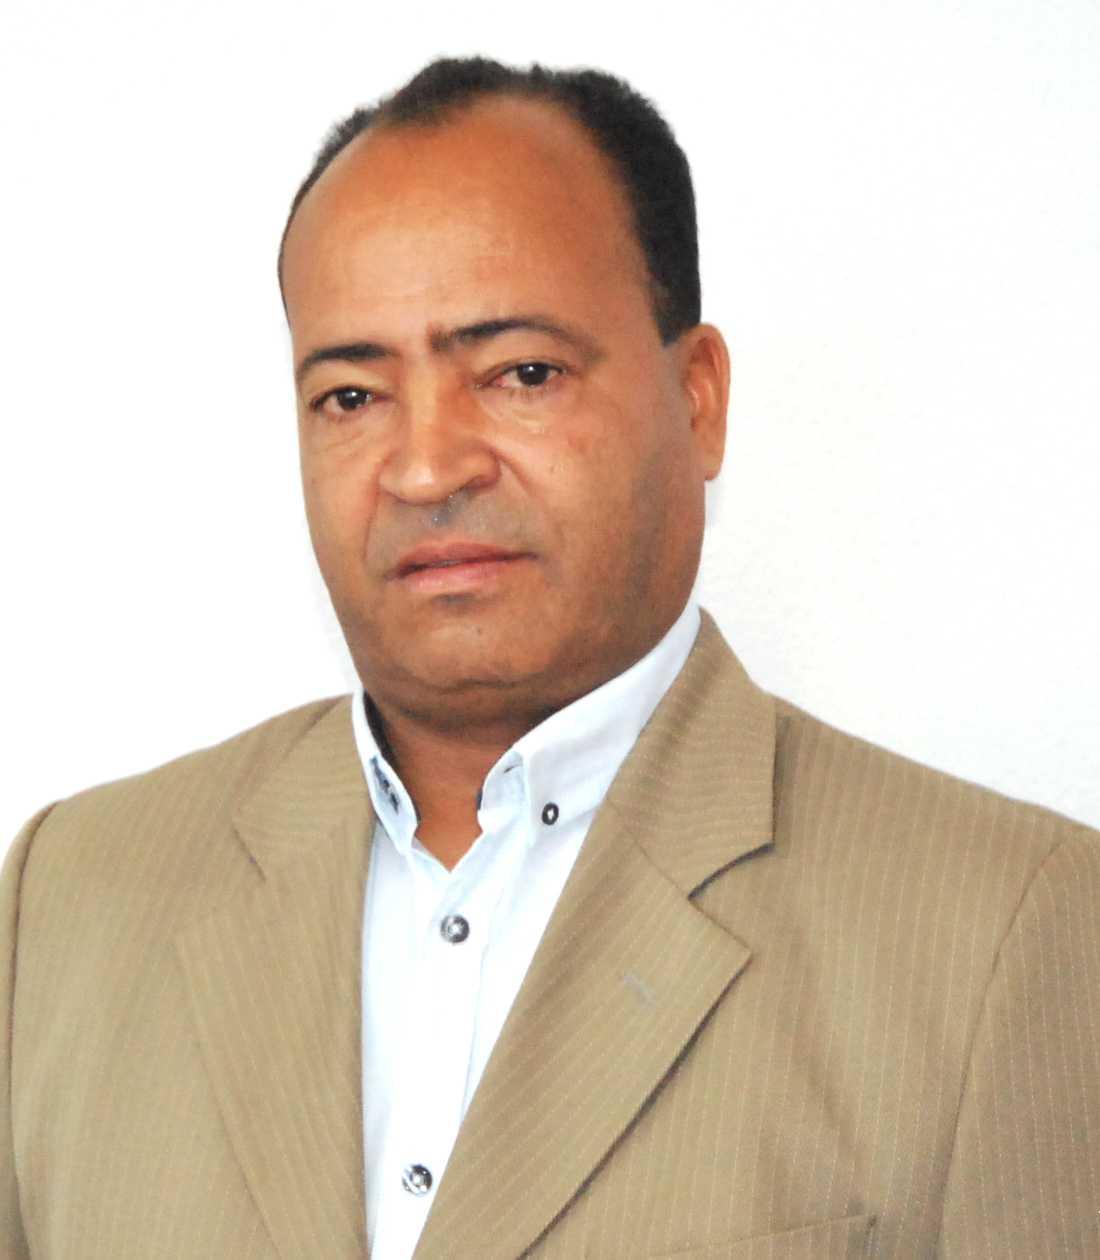 Alberto Mendes é reconduzido ao cargo de presidente da Adapec